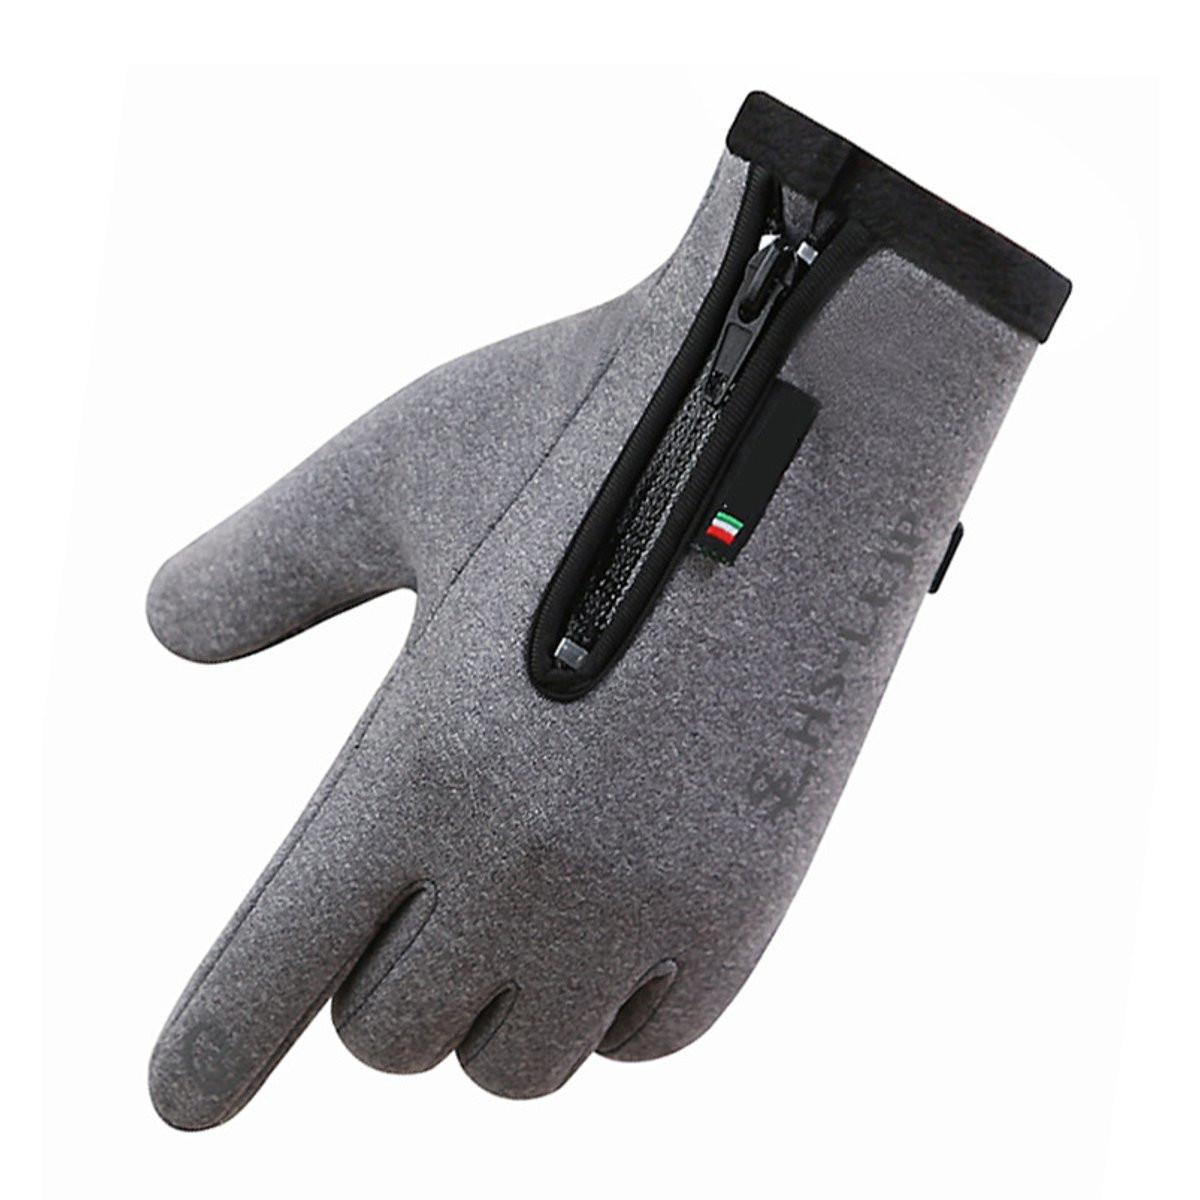 Touch Screen Gloves Fleece Winter Warm Outdoor Sports Mountain Biking Windproof Waterproof Fleece Lined Thermal